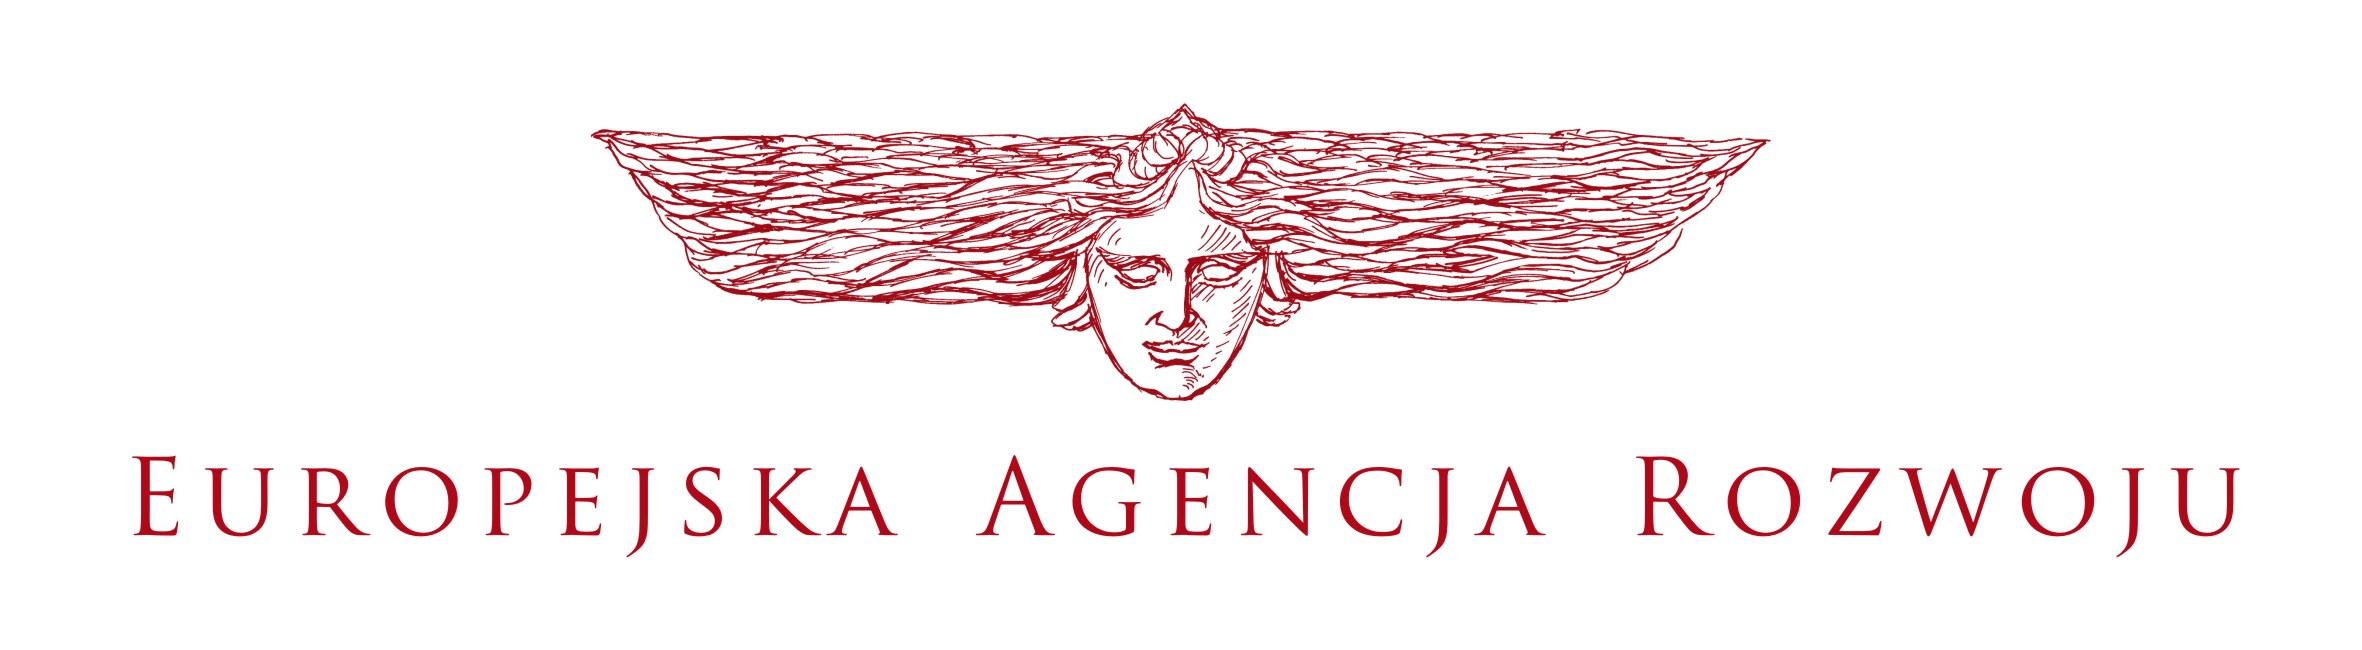 Logo Europejska Agencja Rozwoju Mirosław Kopik